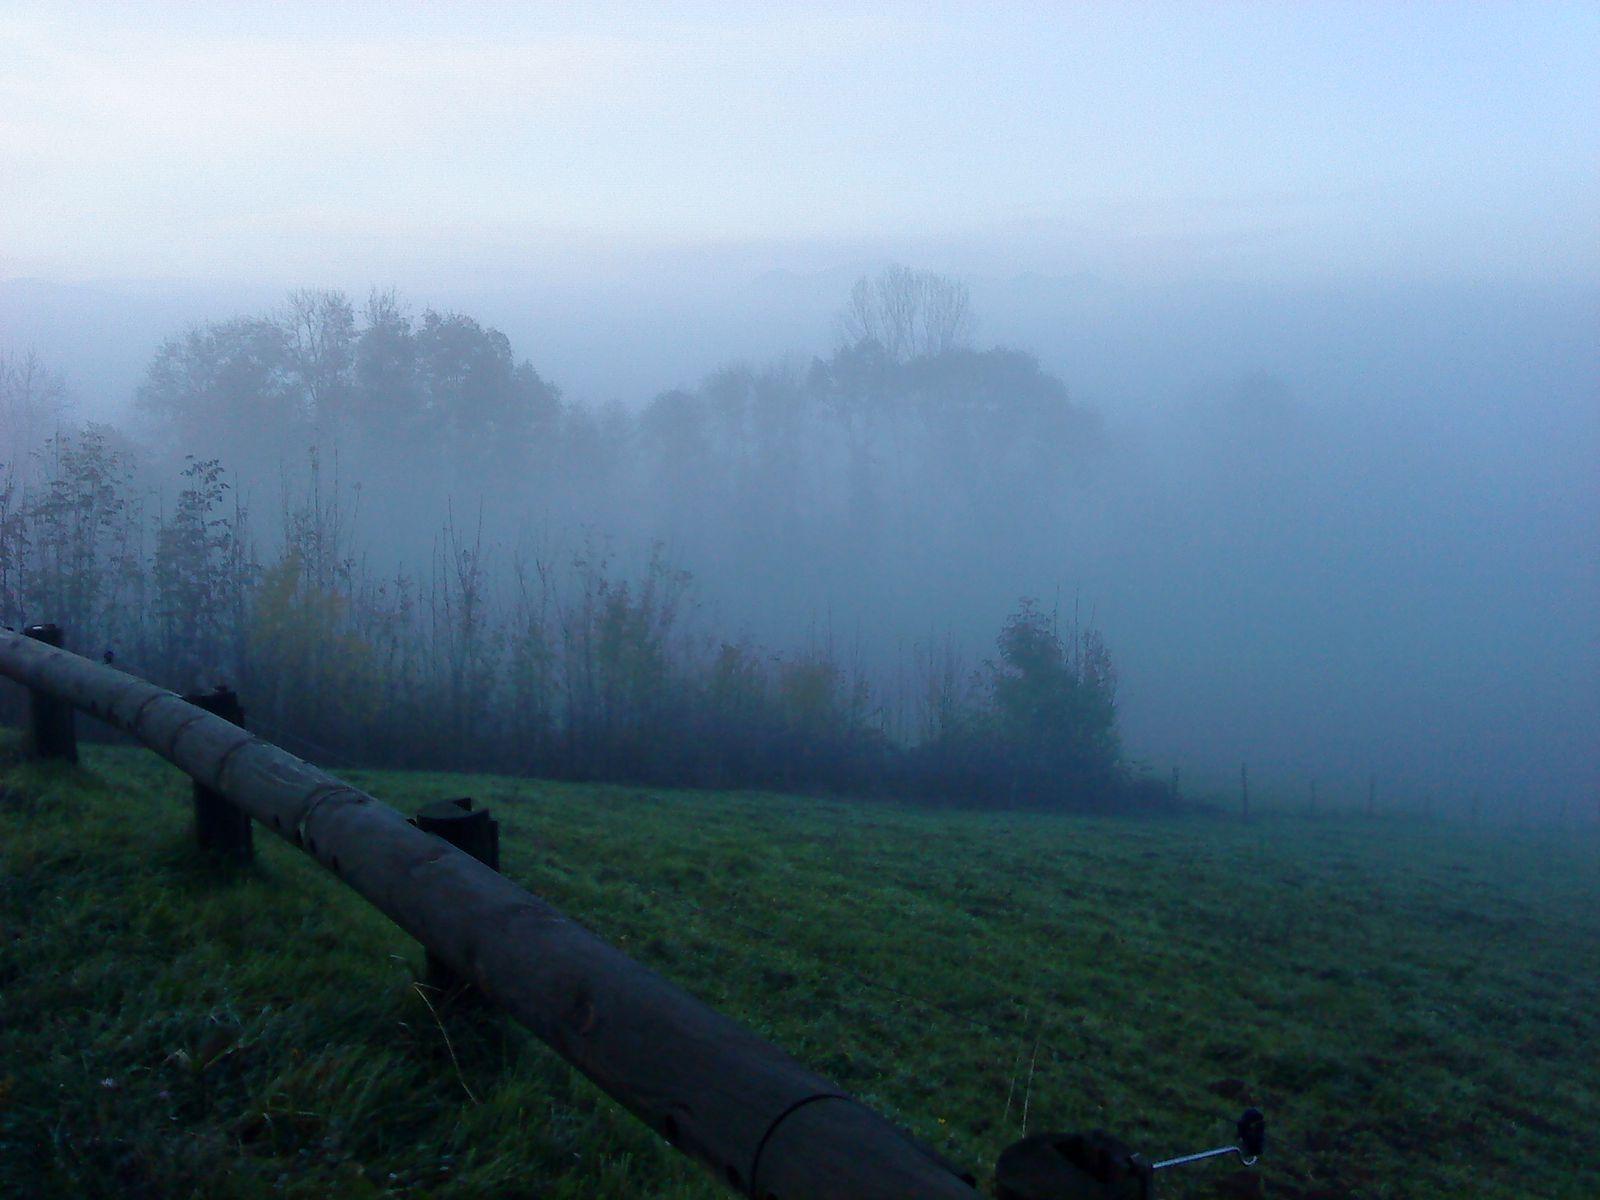 derrière les arbres,st andré en royant dans le brouillard